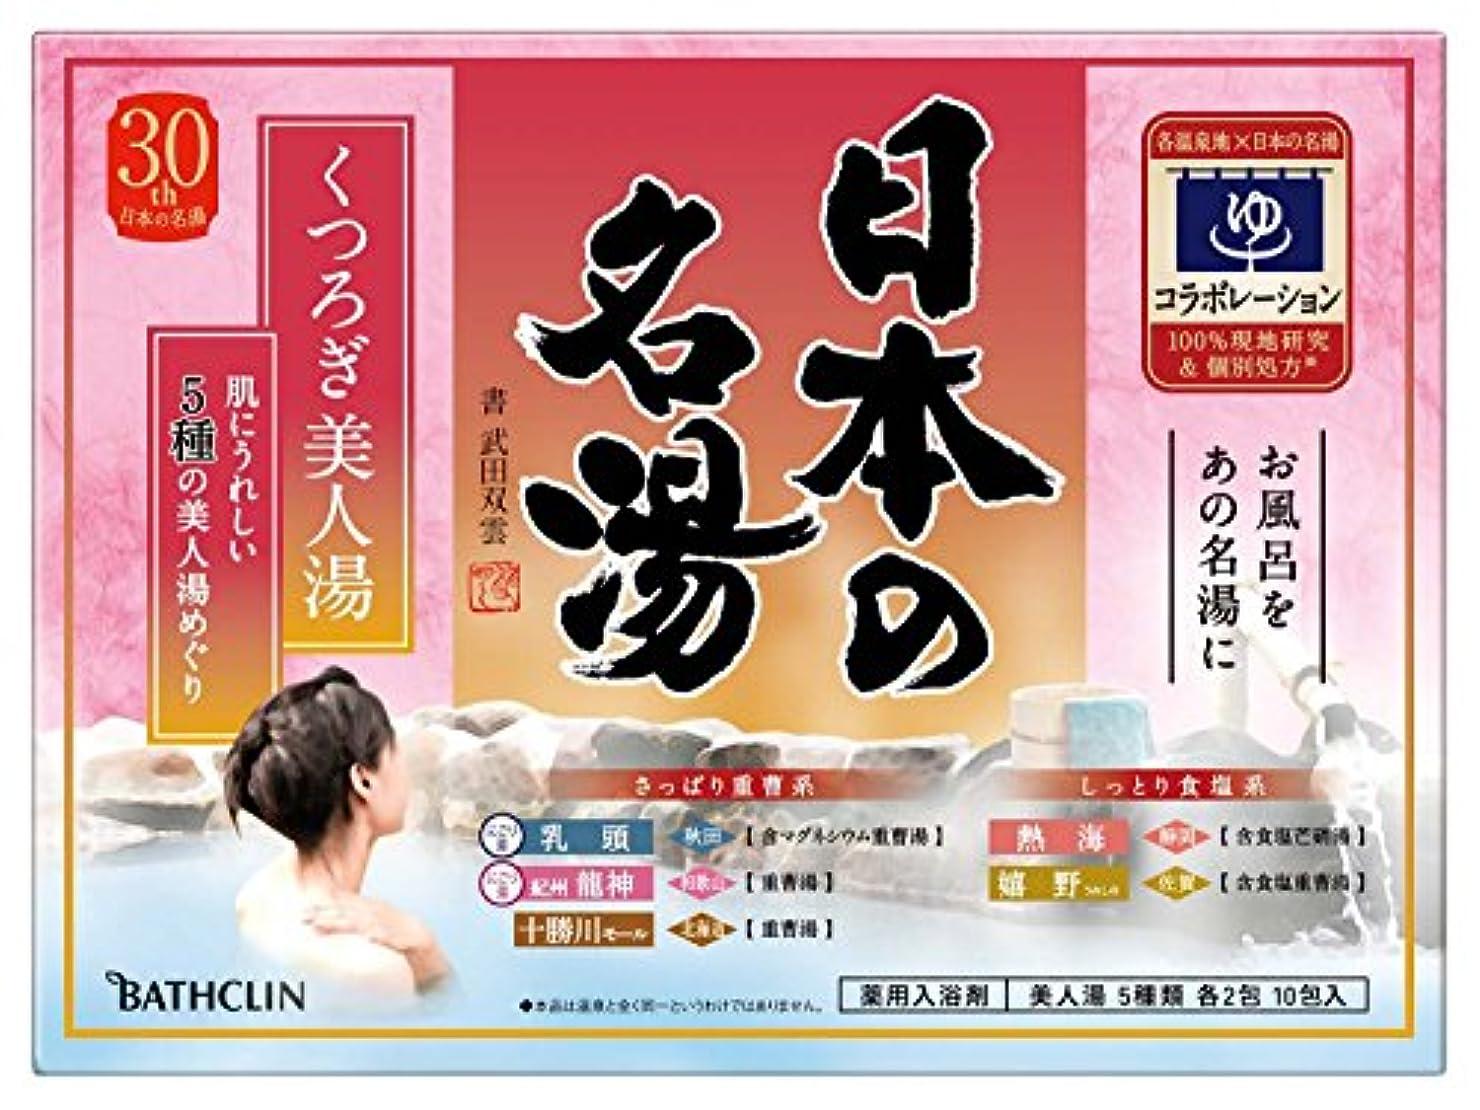 ぶどうリテラシーディレクトリ【医薬部外品】日本の名湯入浴剤 くつろぎ美人湯 30g ×10包 個包装 詰め合わせ 温泉タイプ